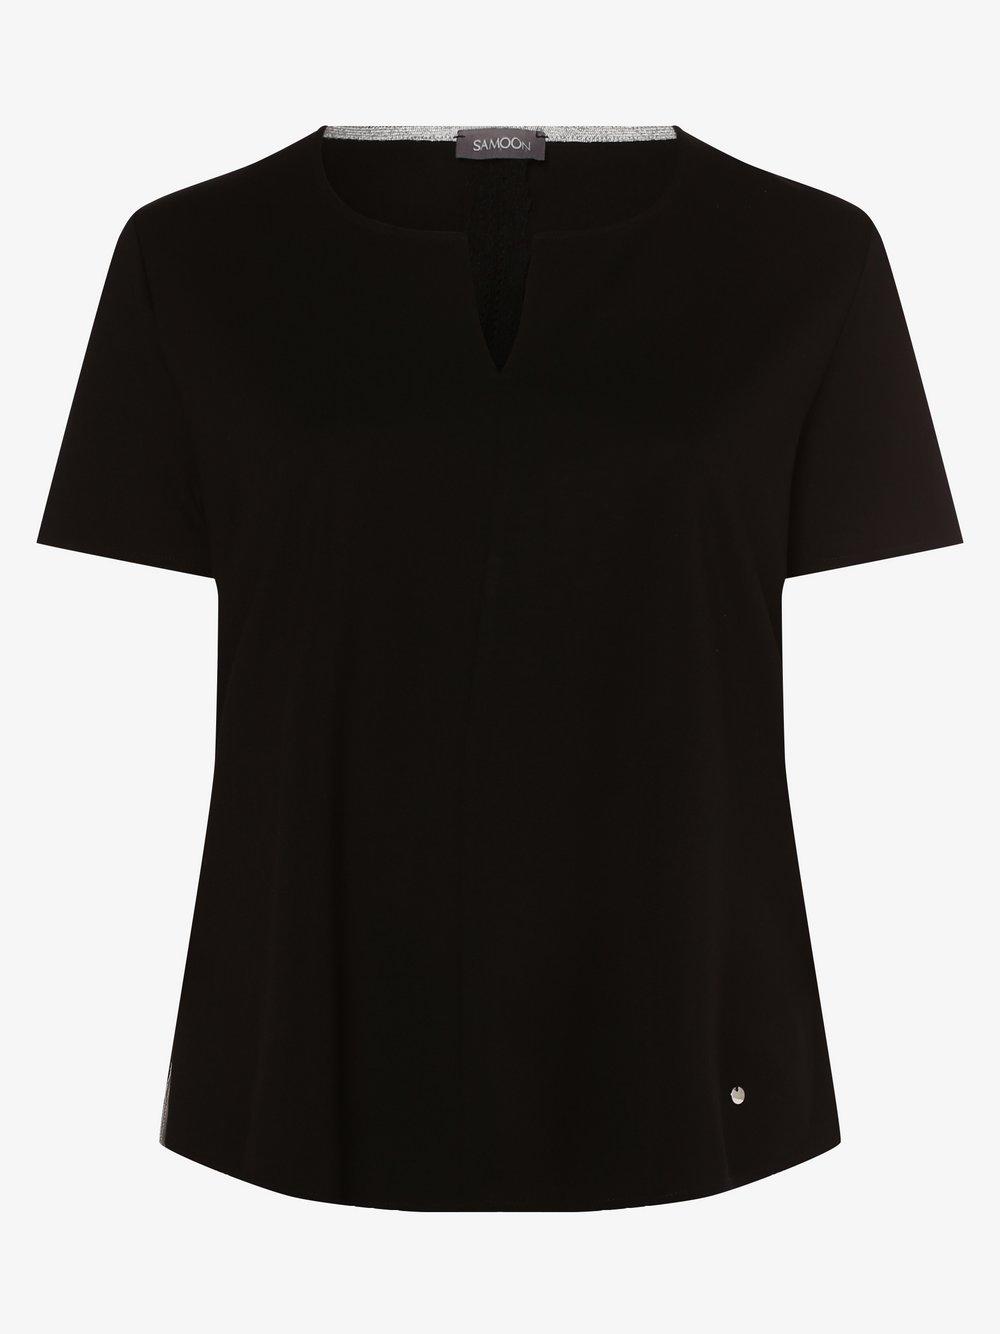 Samoon - T-shirt damski – duże rozmiary, czarny